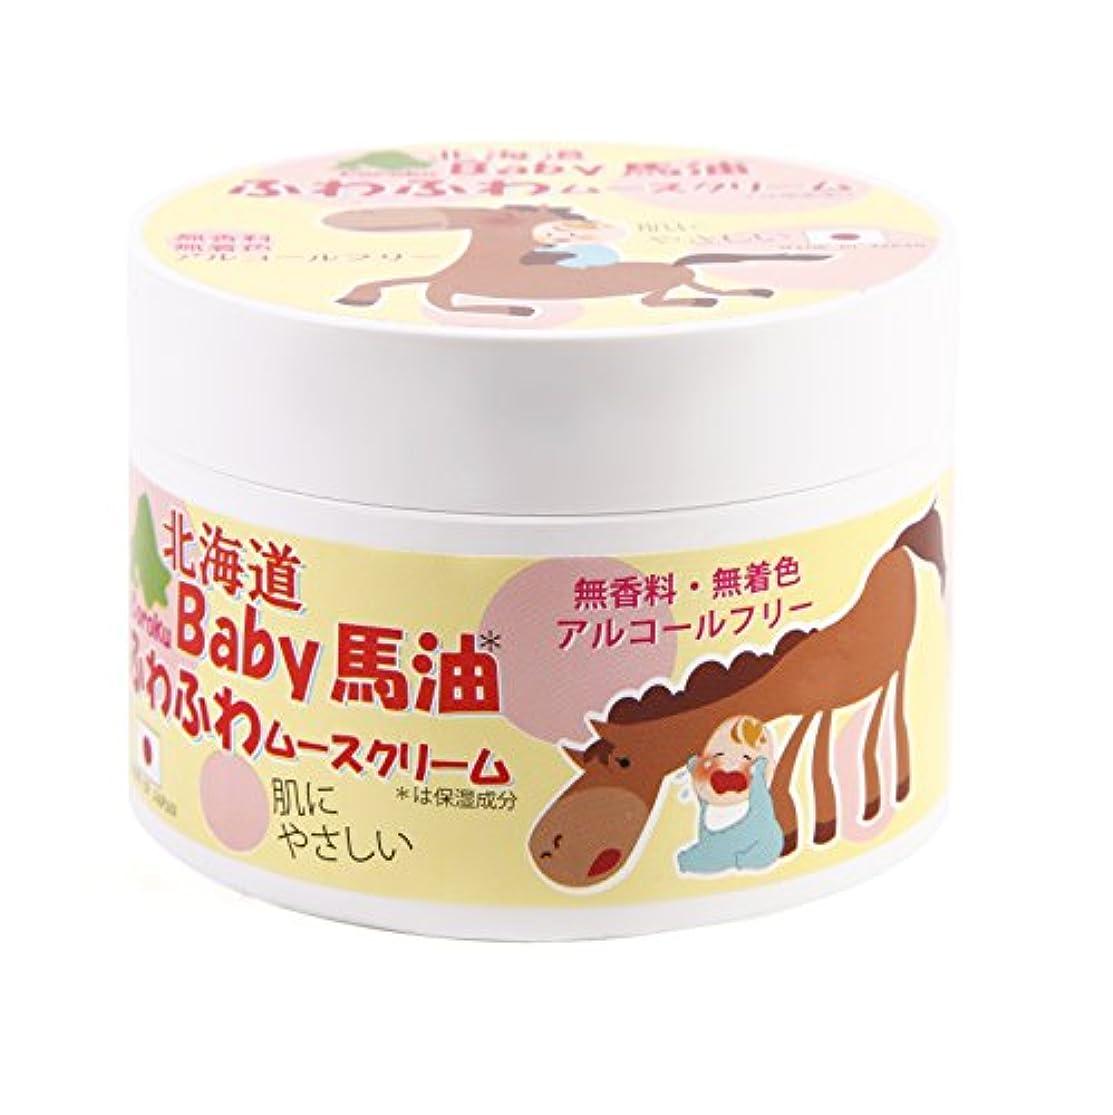 モックワークショップ明らか小六 北海道Baby馬油 ふわふわムースクリーム 200mL